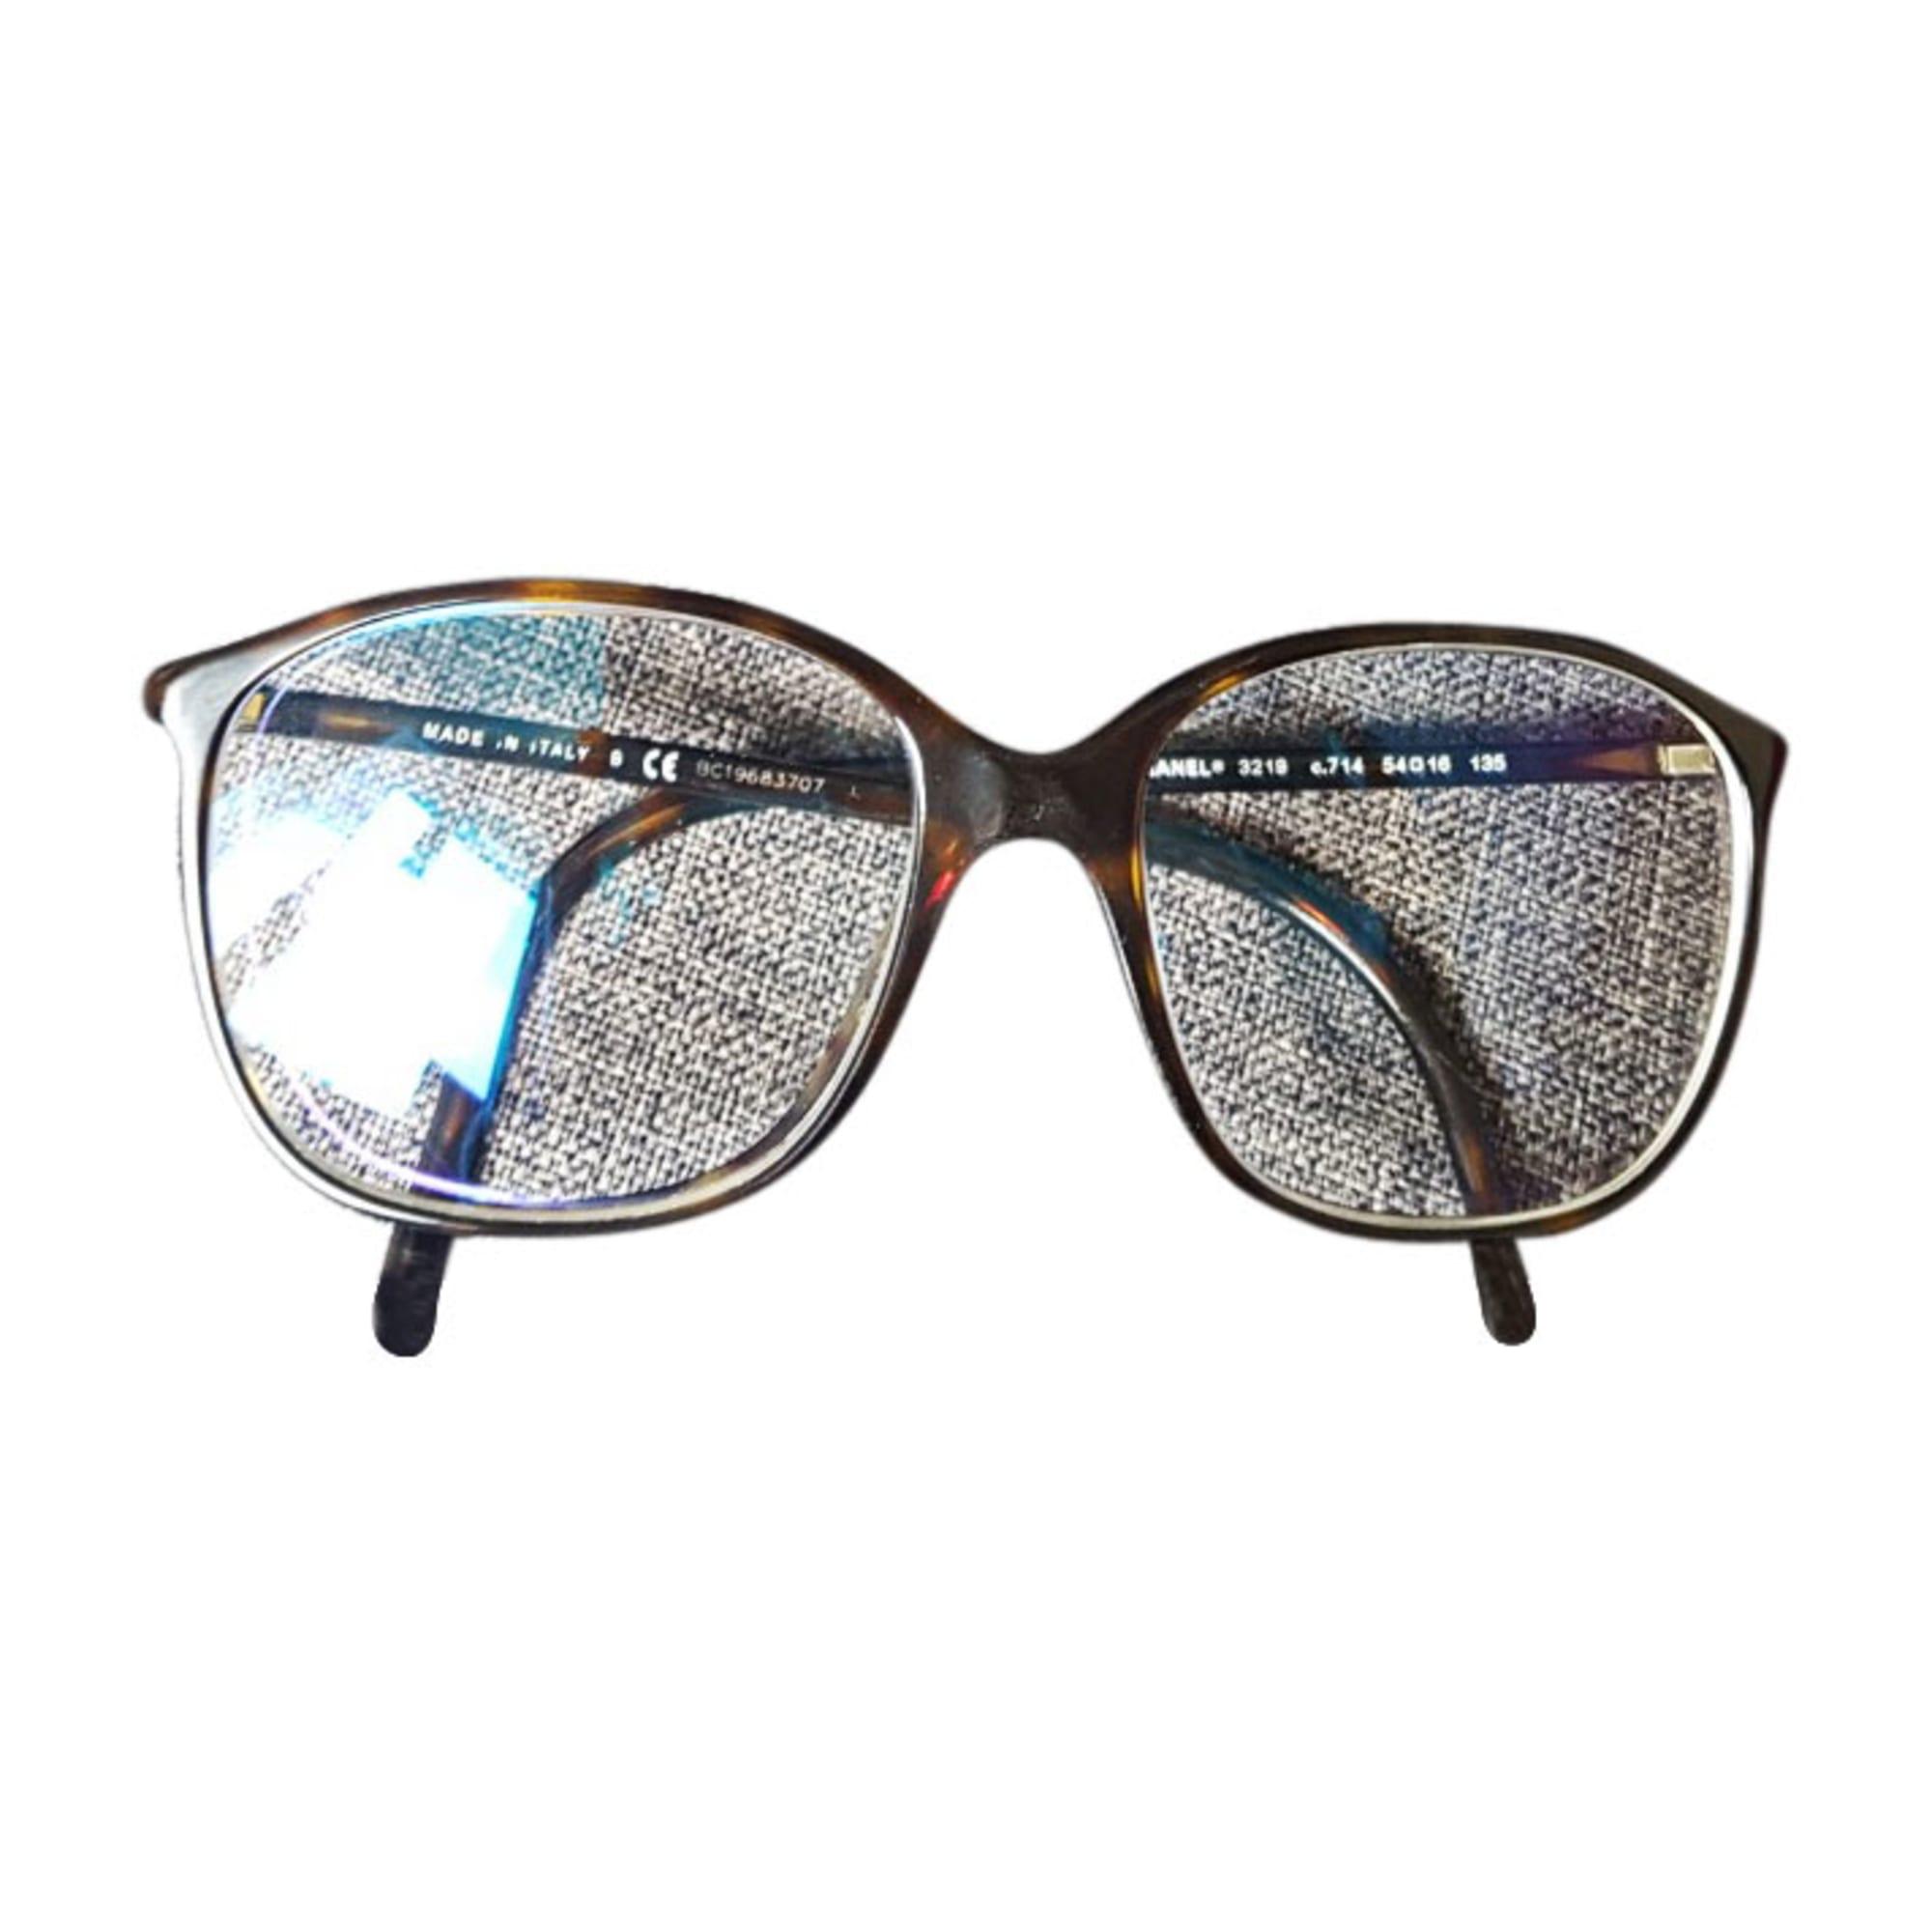 17ac8c8dd2d Monture de lunettes CHANEL marron - 7603270